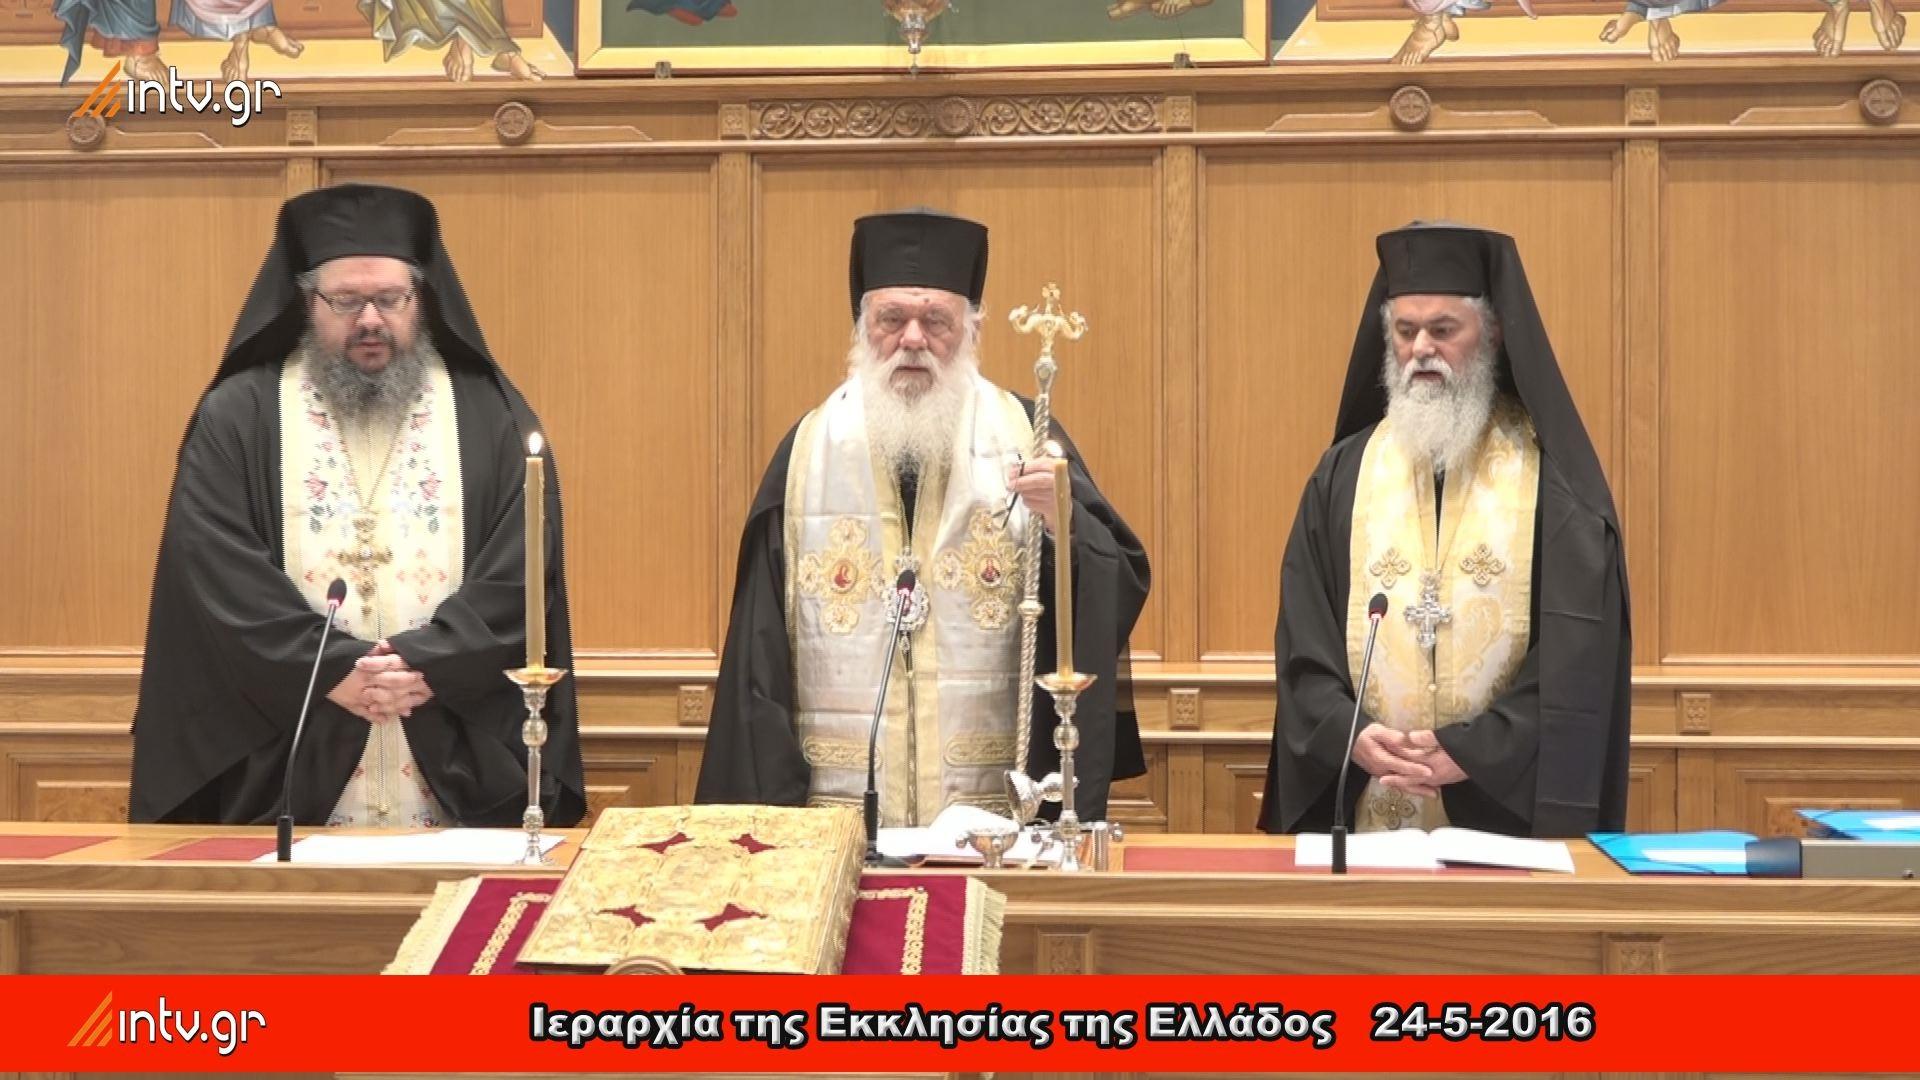 Ιεραρχία της Εκκλησίας της Ελλάδος - 24 Μαΐου 2016